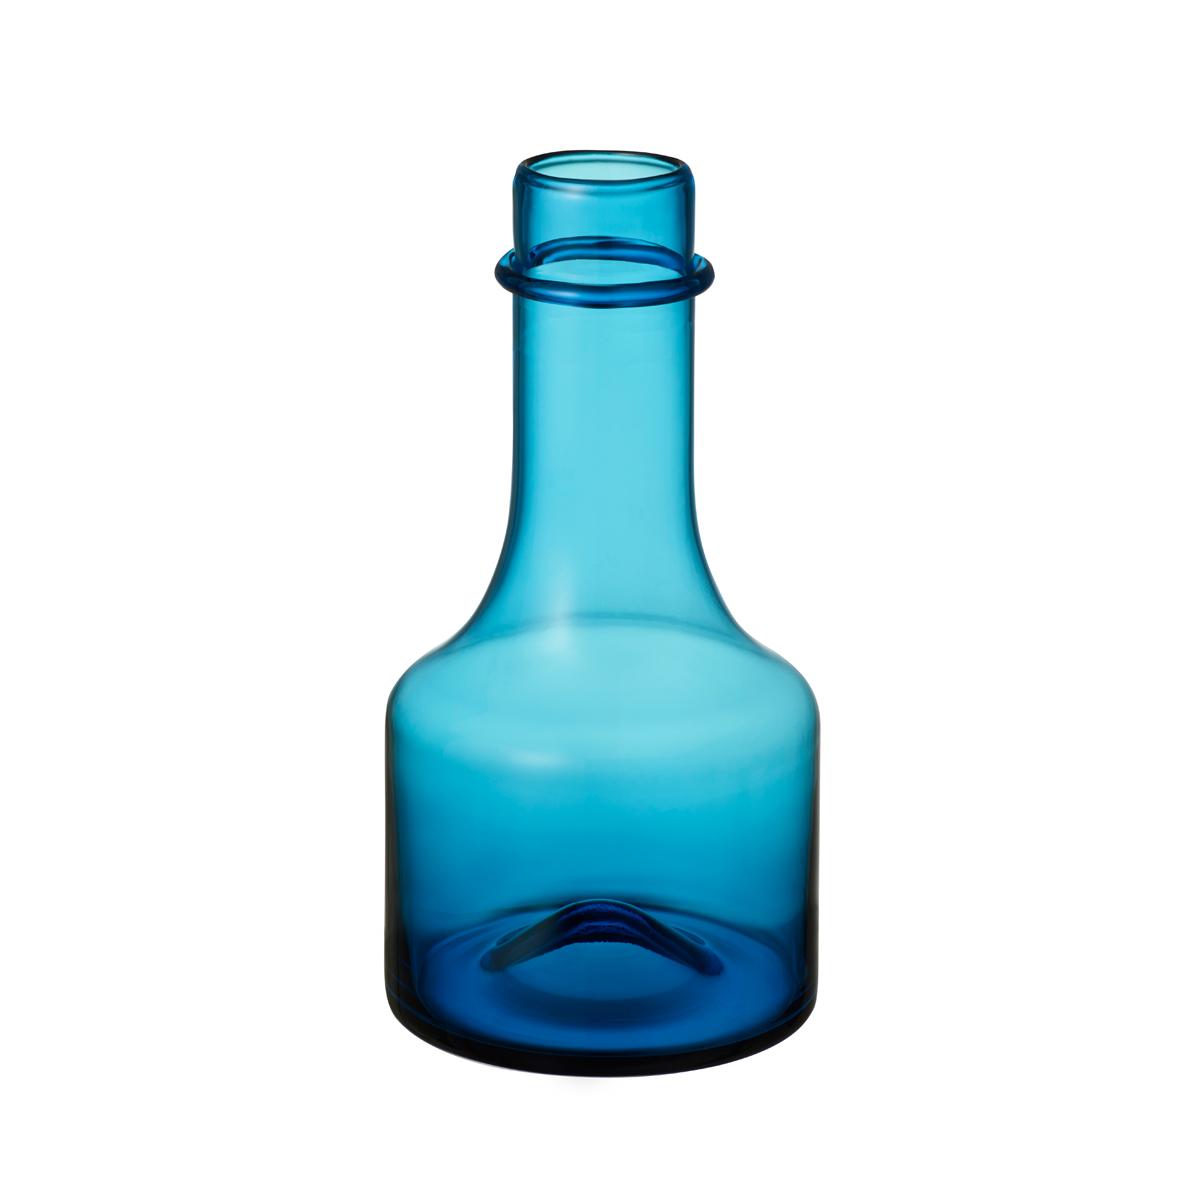 bottle-tapio-wirkkala-iittala-03